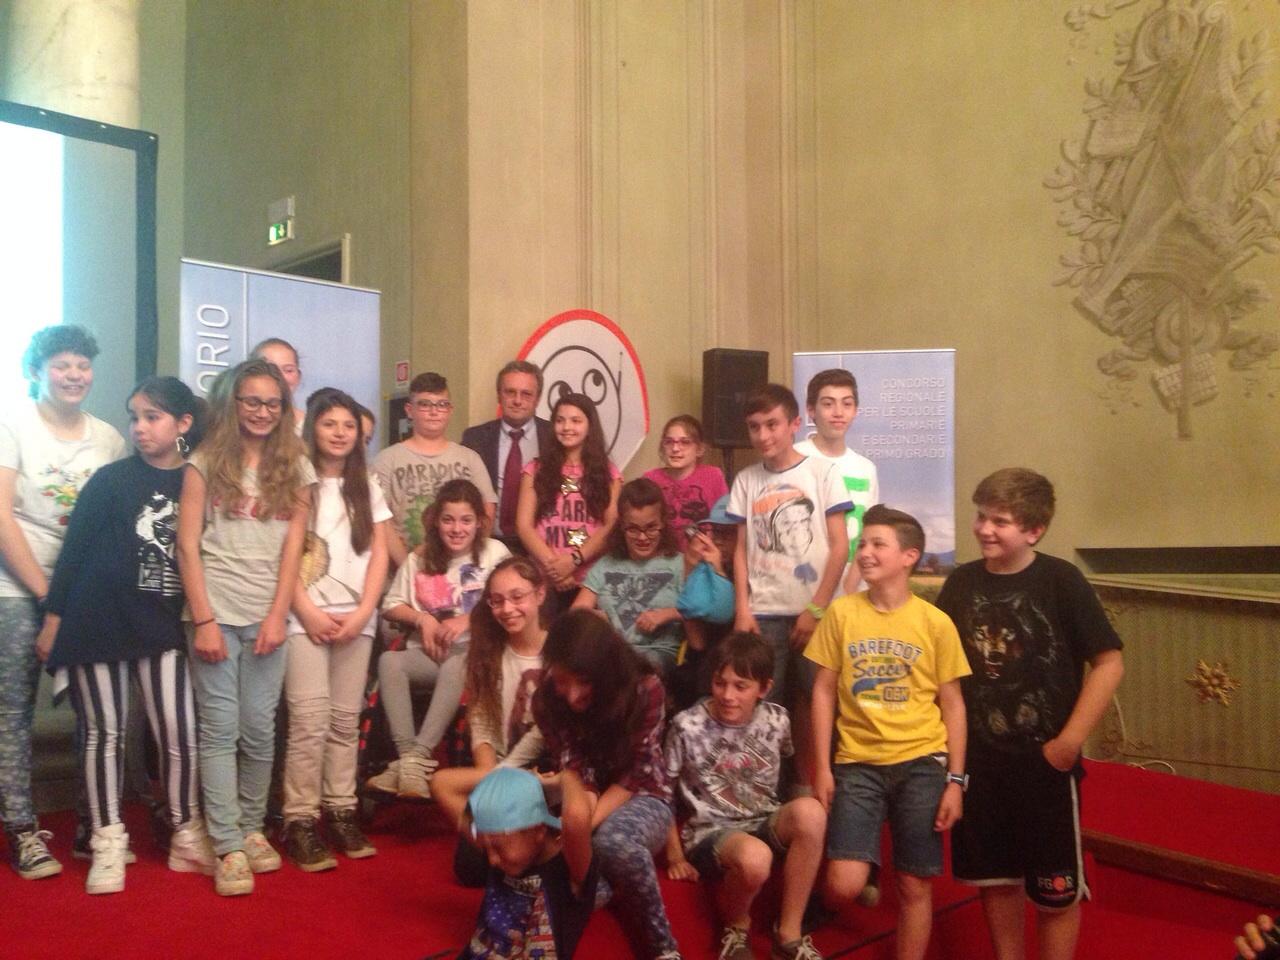 Consorzi di Bonifiche: Gianni Bessi alla premiazione del concorso per le scuole 'Acqua e territorio'